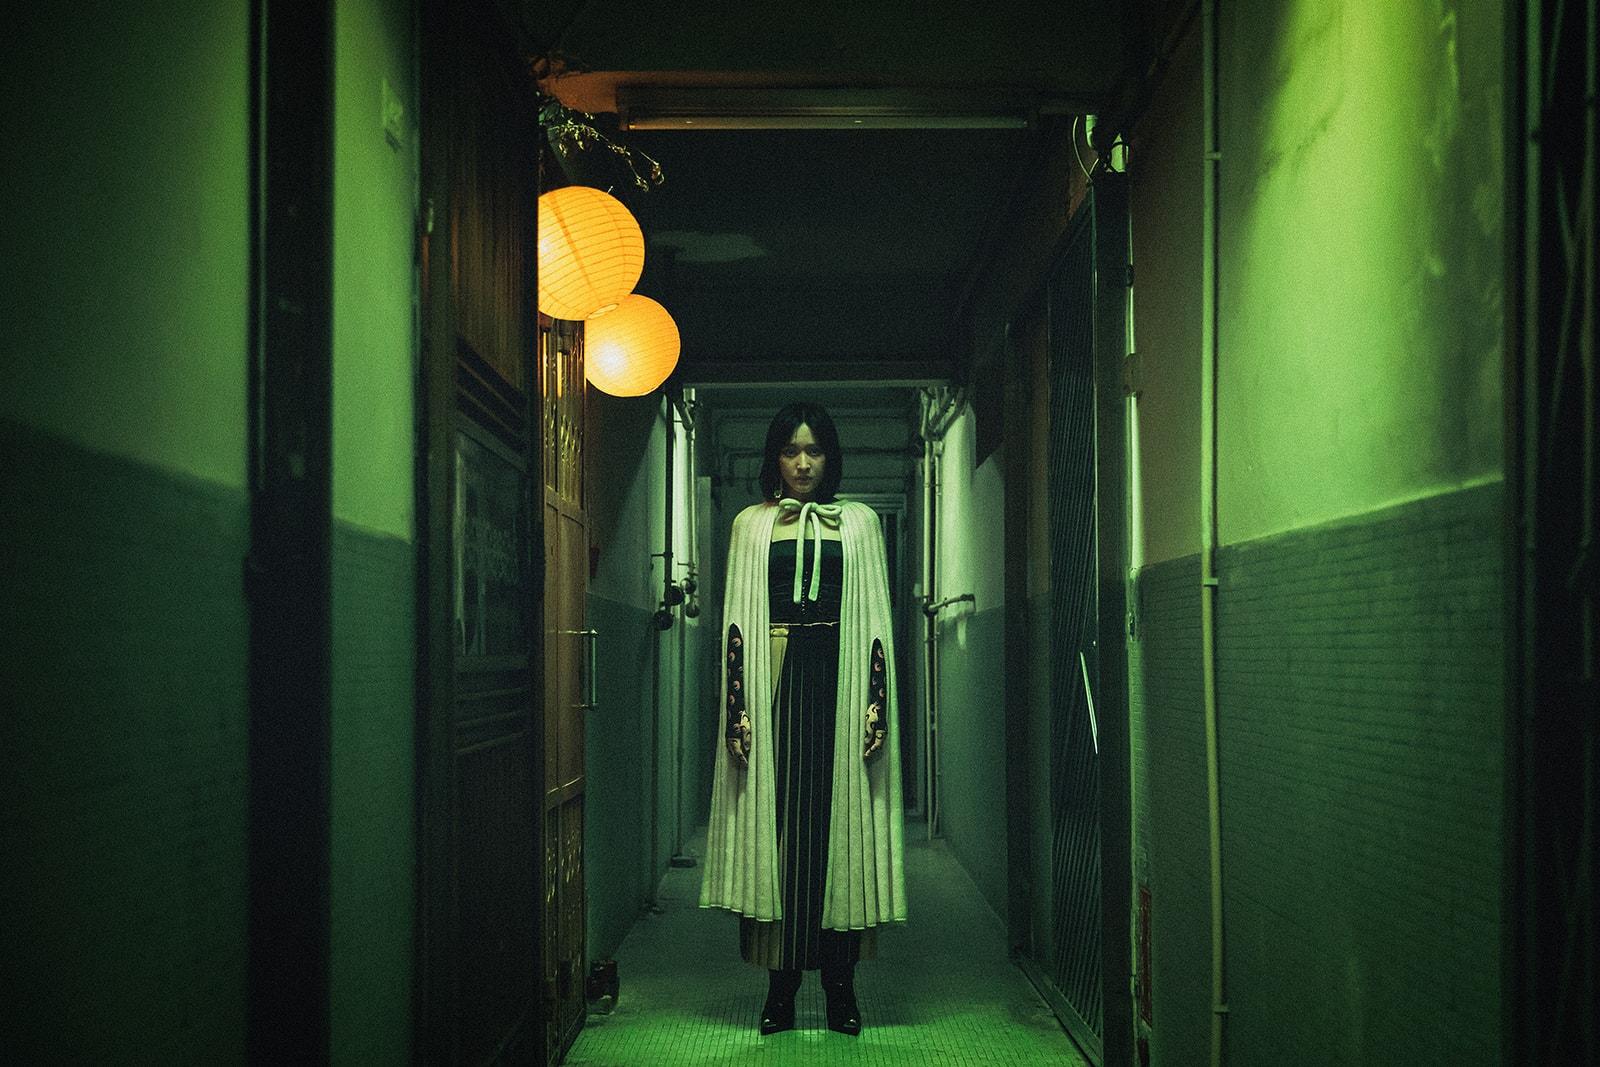 兇月萬聖節 #1 -《見鬼》何以被譽為千禧年代港產恐怖電影之巔?